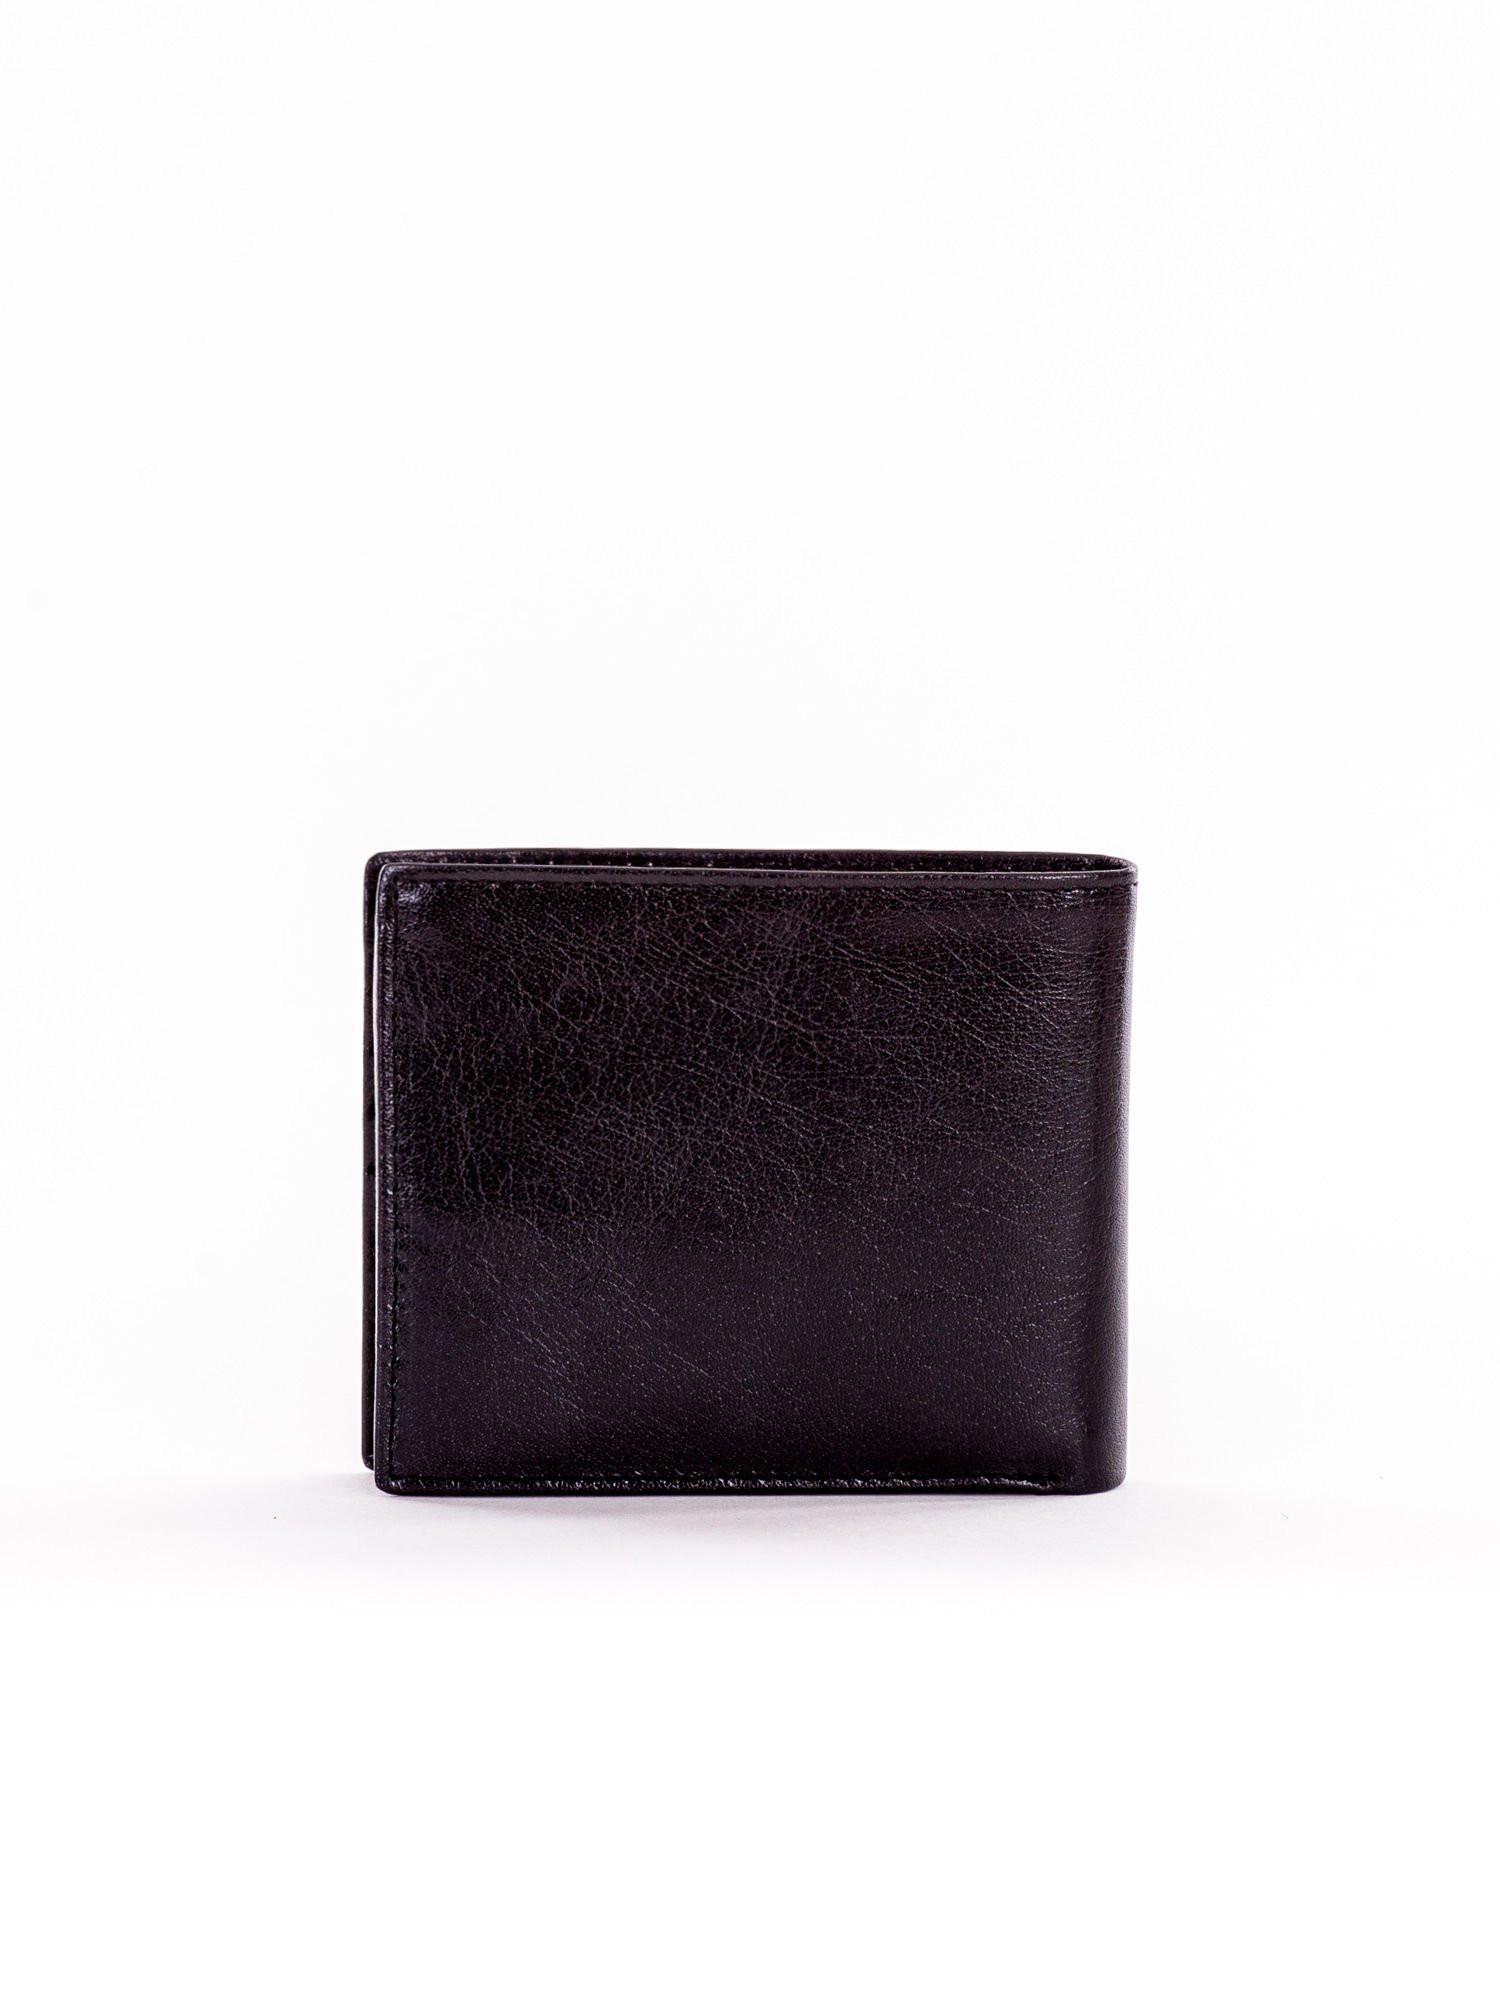 Pánska čierna kožená peňaženka jedna velikost